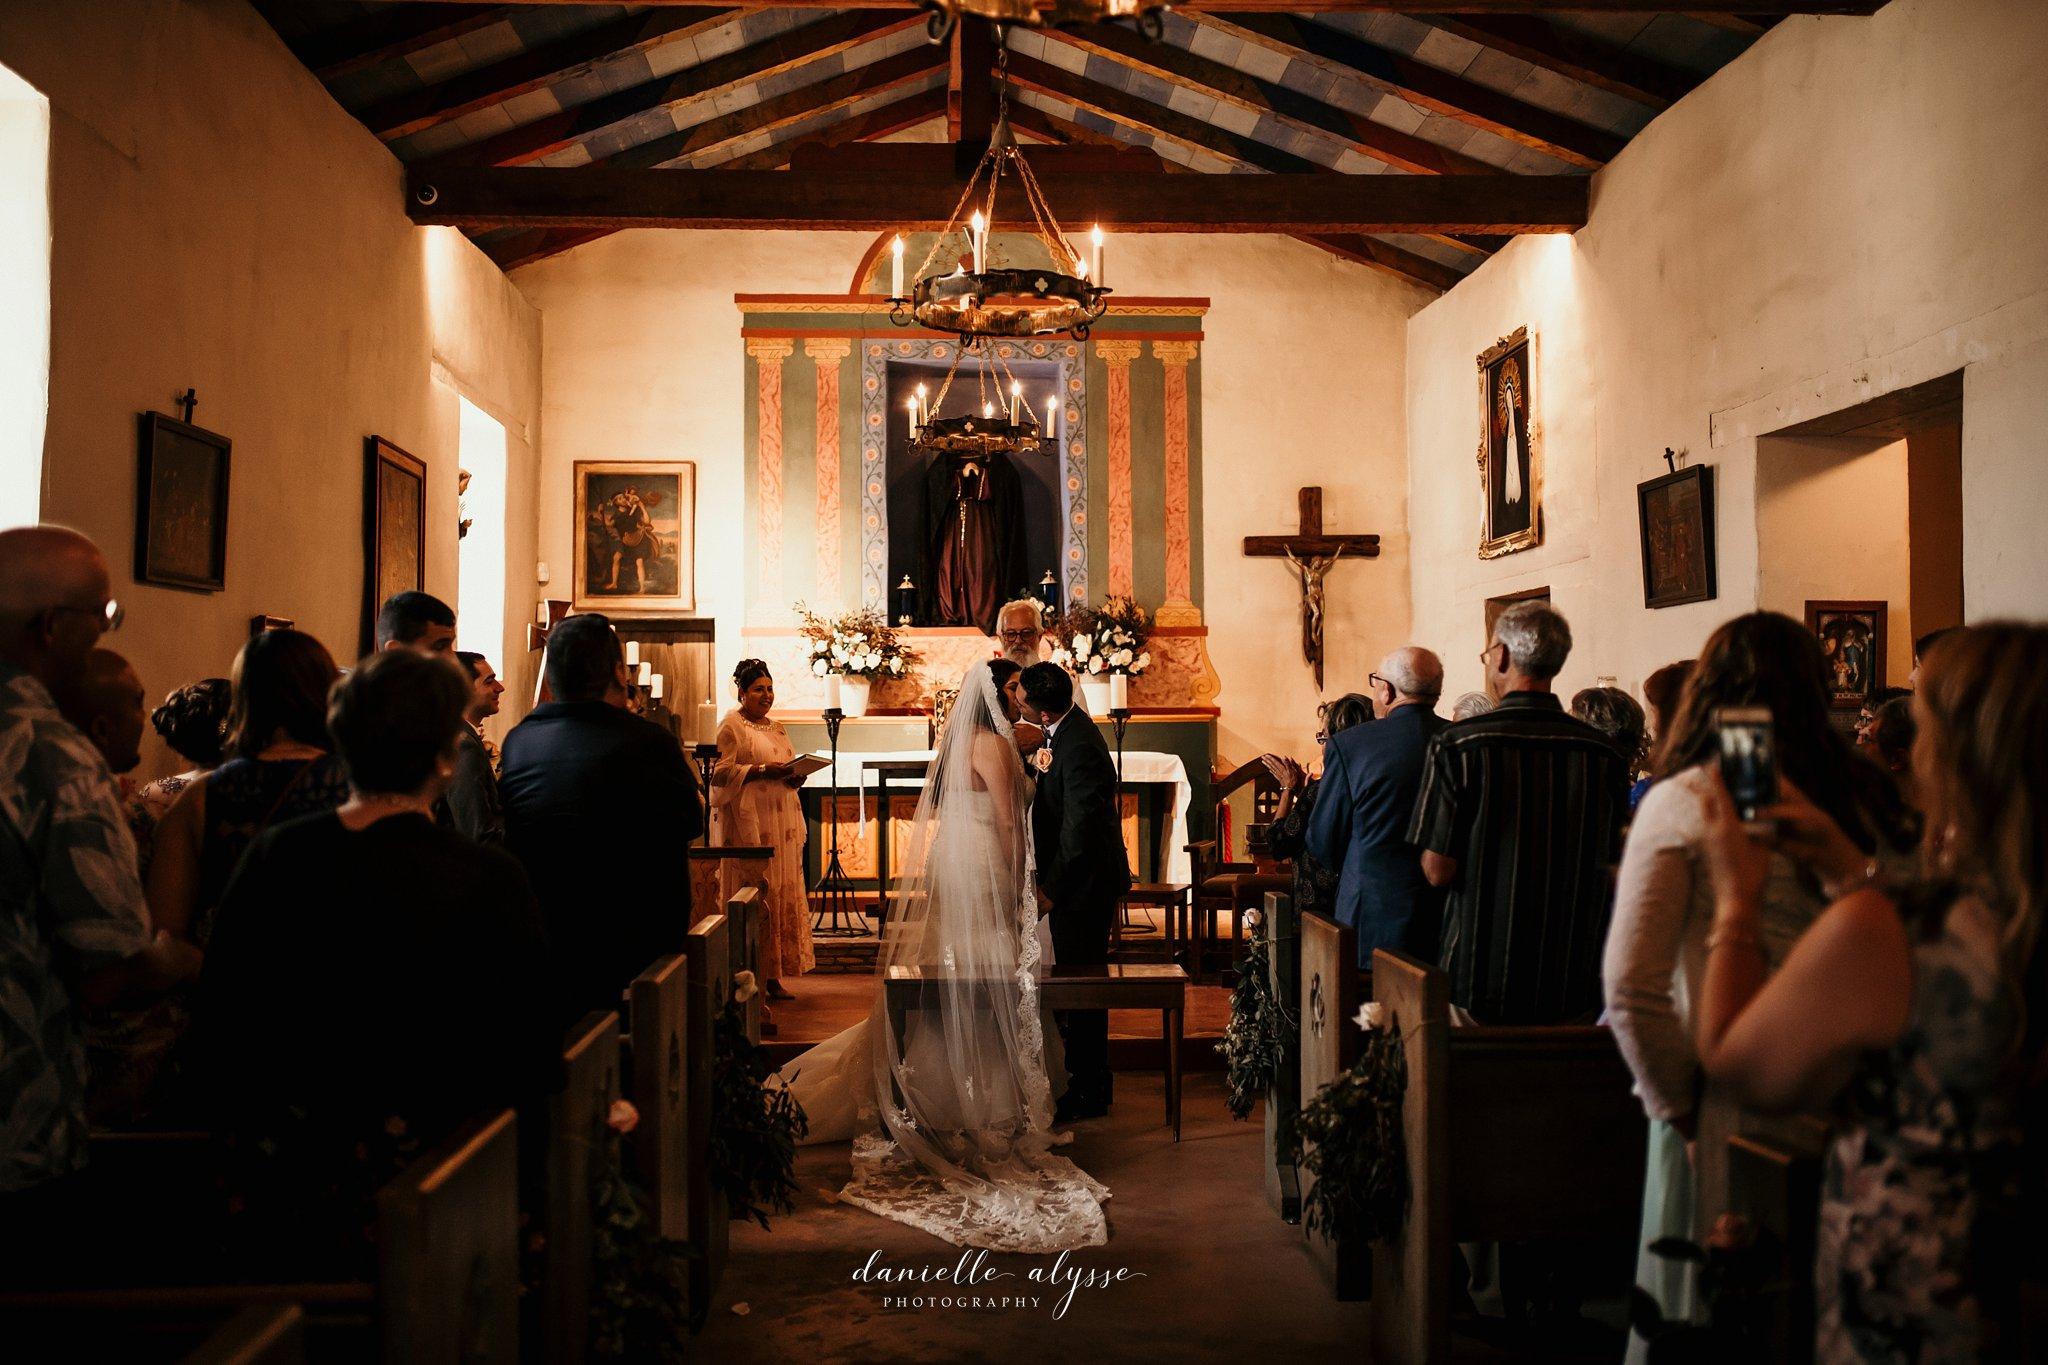 180630_wedding_lily_ryan_mission_soledad_california_danielle_alysse_photography_blog_539_WEB.jpg